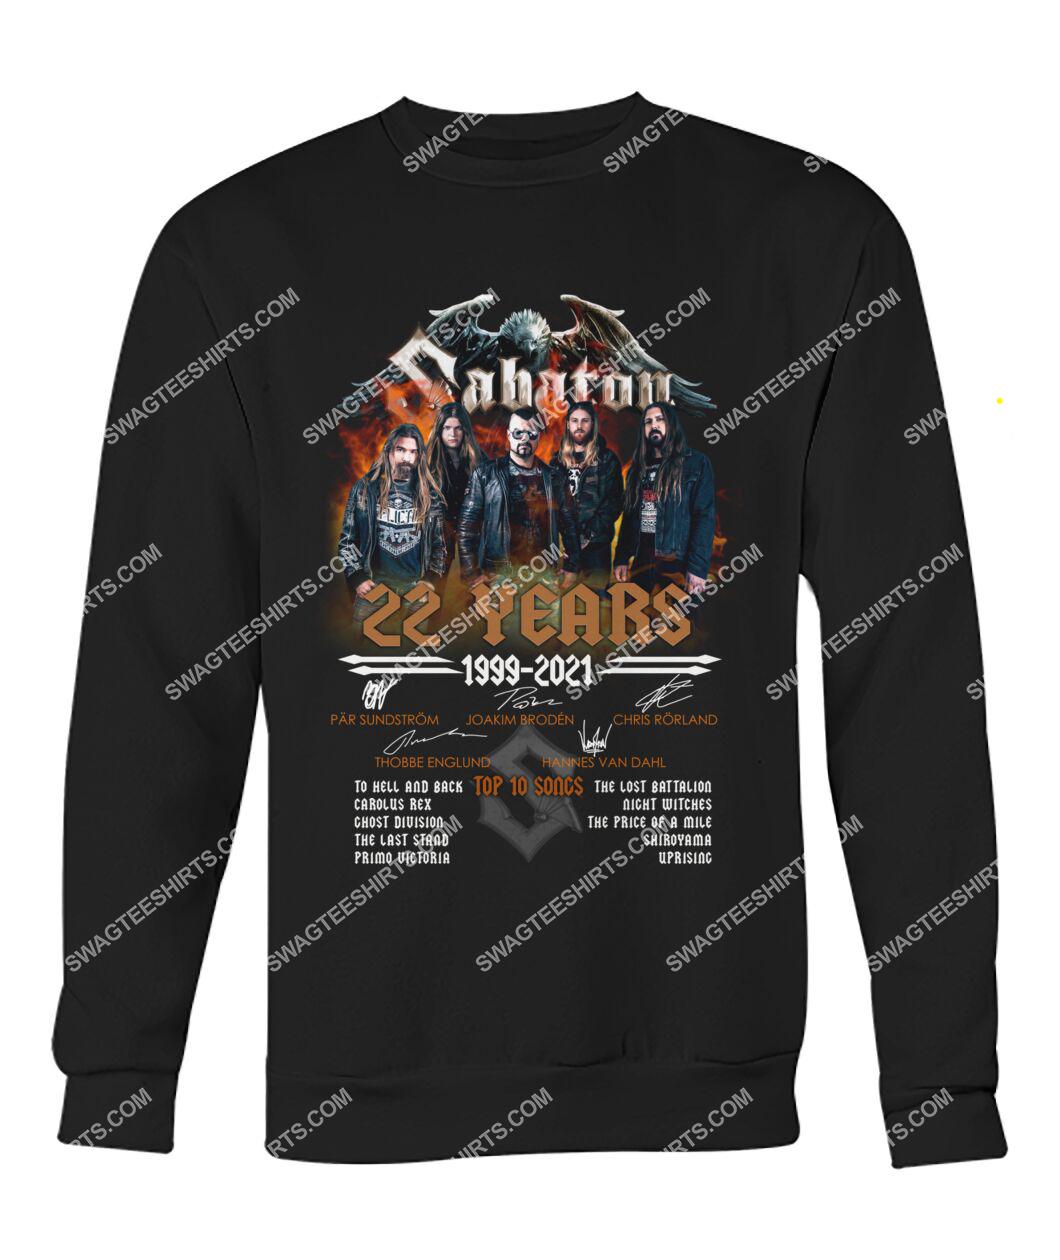 vintage 20 years sabaton music band sweatshirt 1